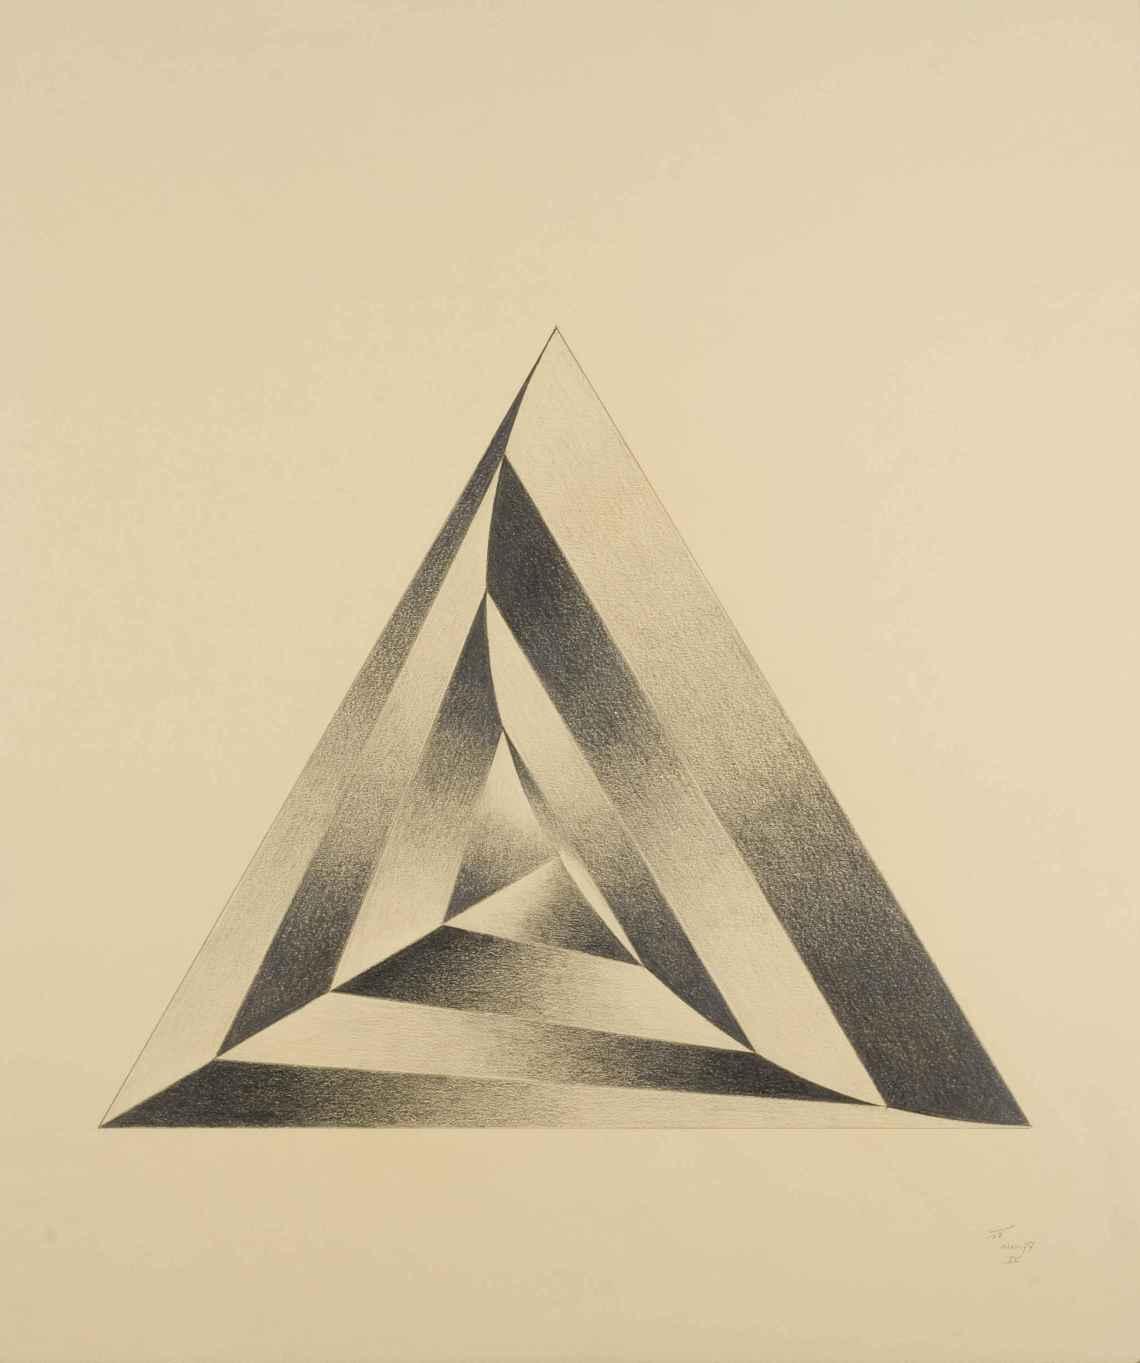 Nicolaas Thuys, tekening, 1977. Collectie CODA, NT00058. Foto met dank aan CODA©